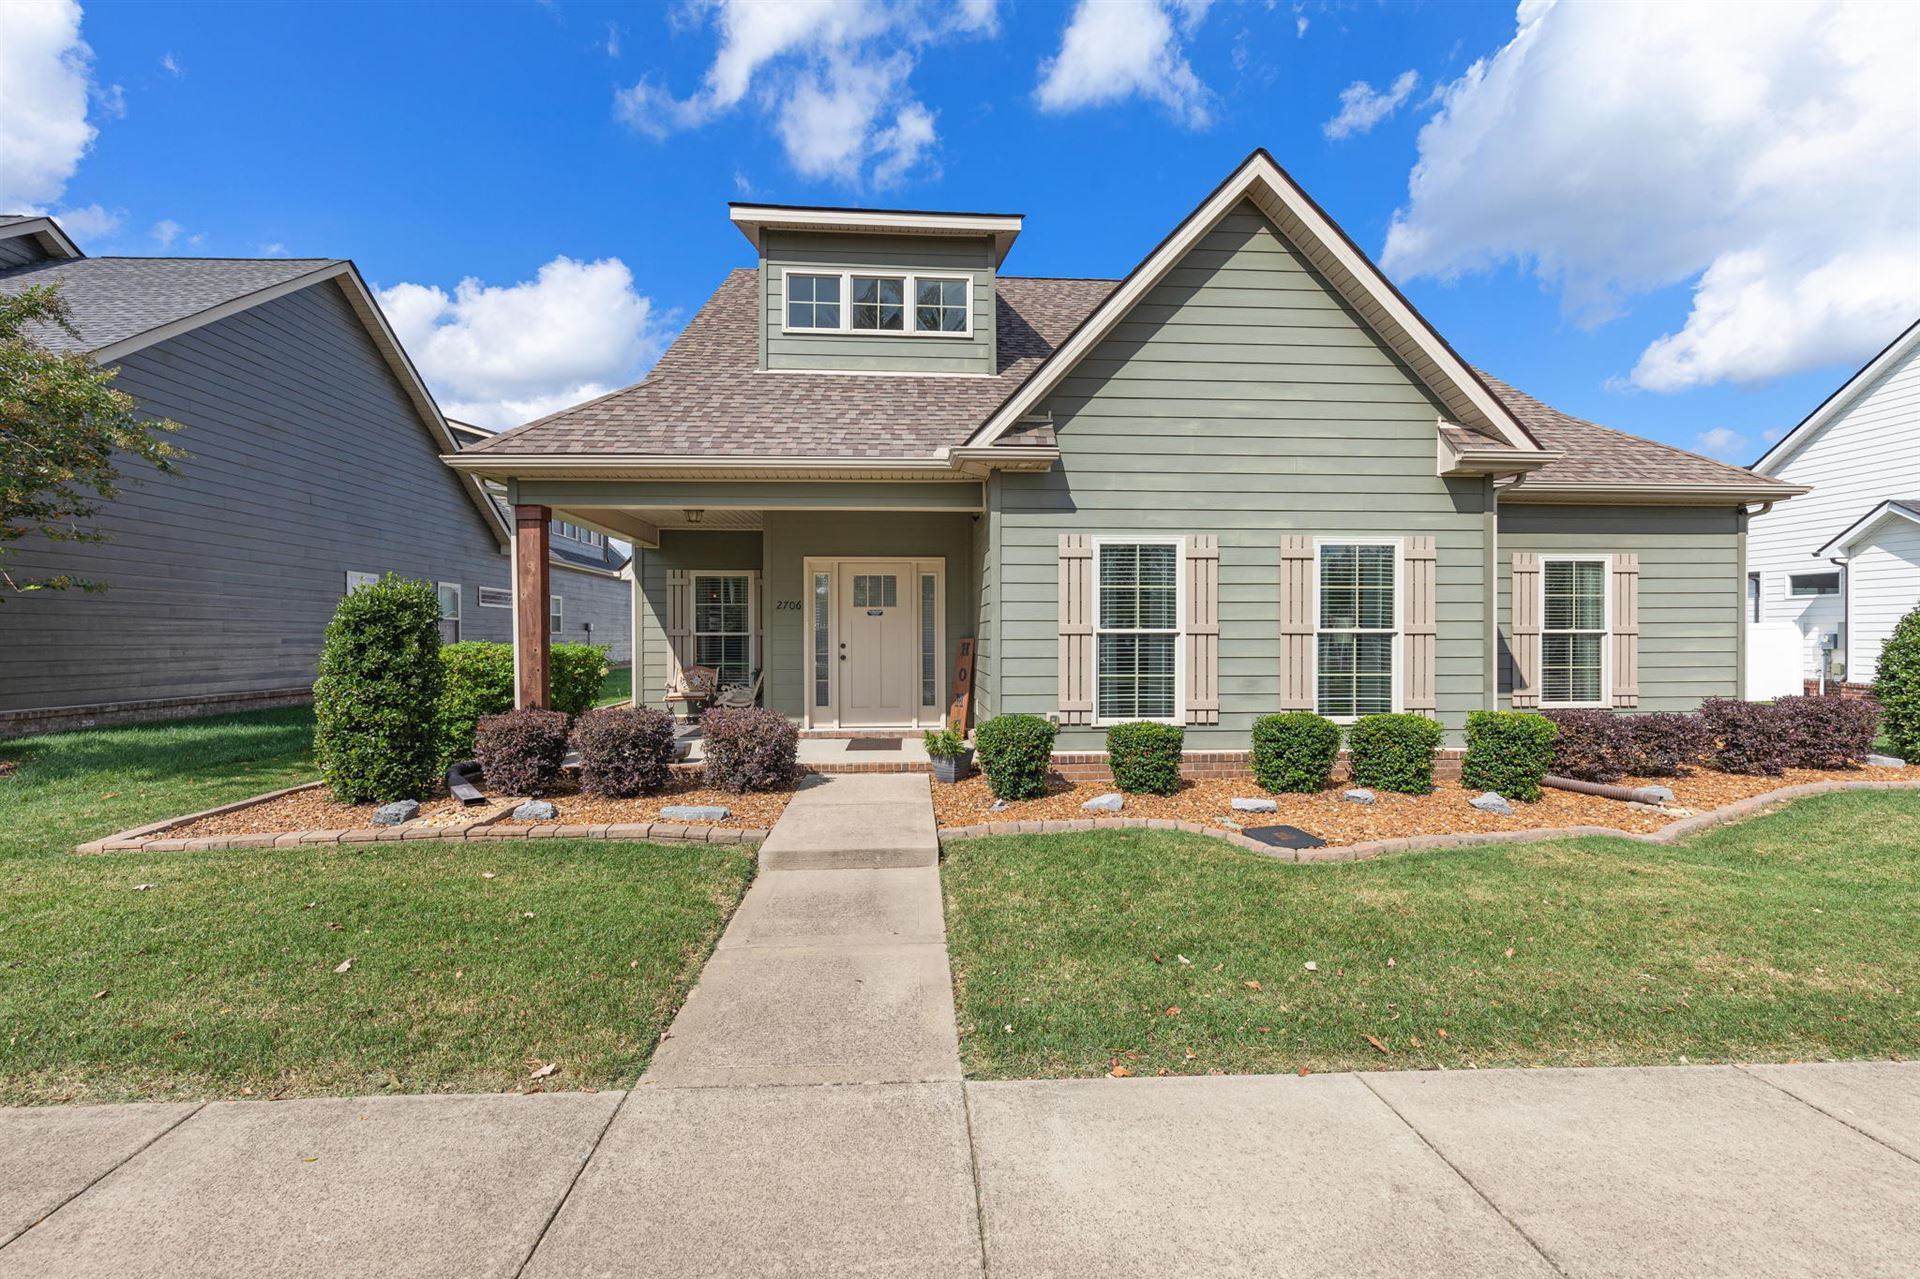 2706 Cason Ln, Murfreesboro, TN 37128 - MLS#: 2300060